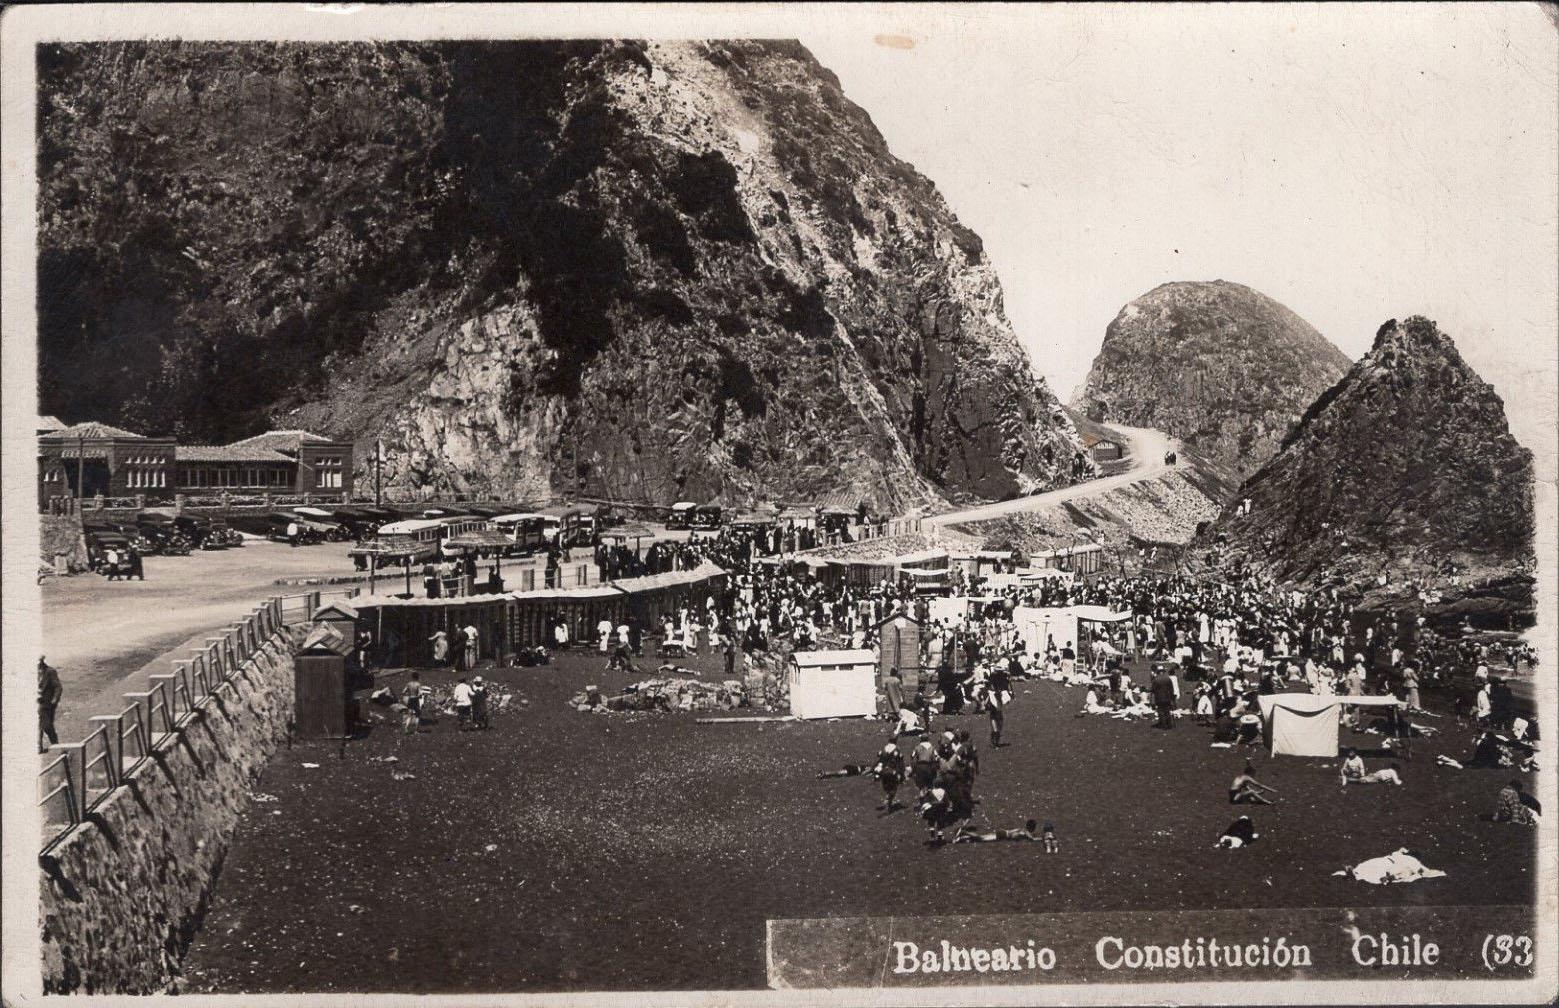 Enterreno - Fotos históricas de chile - fotos antiguas de Chile - Playa de Constitución 1935